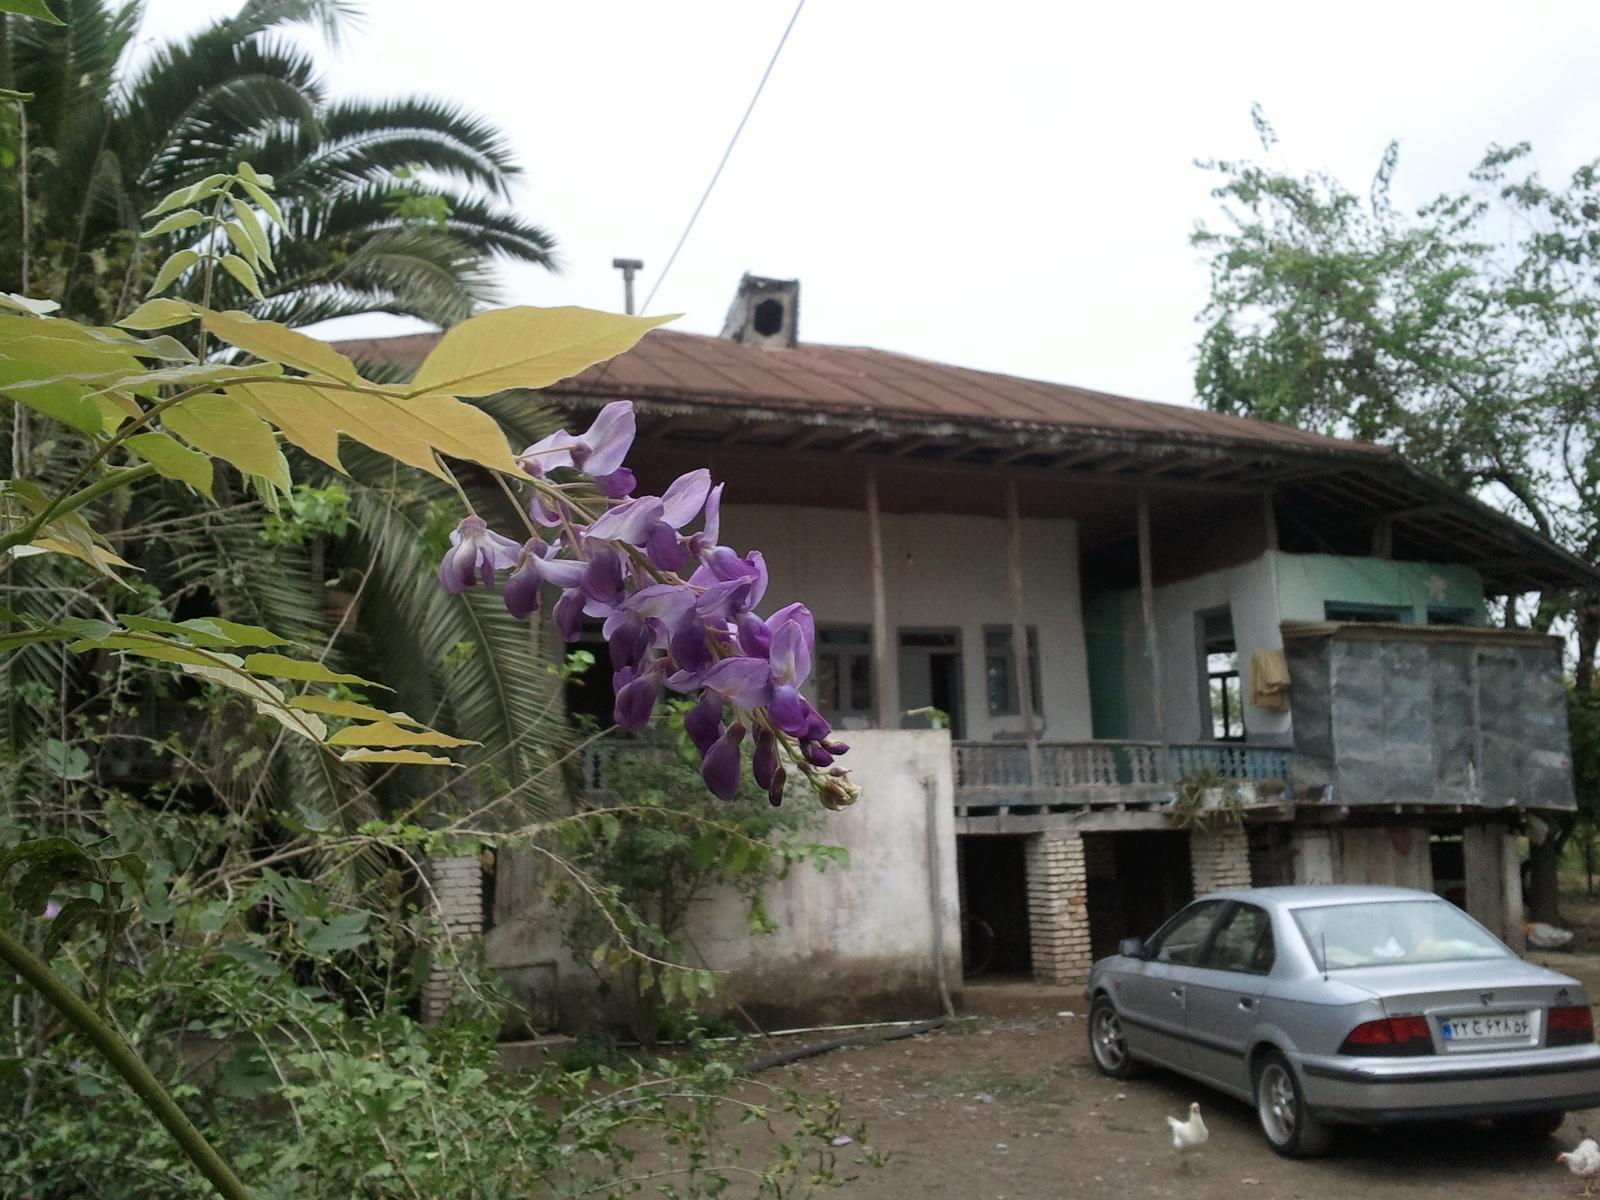 خانه پدربزرگ در روستای قاضی محله پهمدان خیابان شهدا